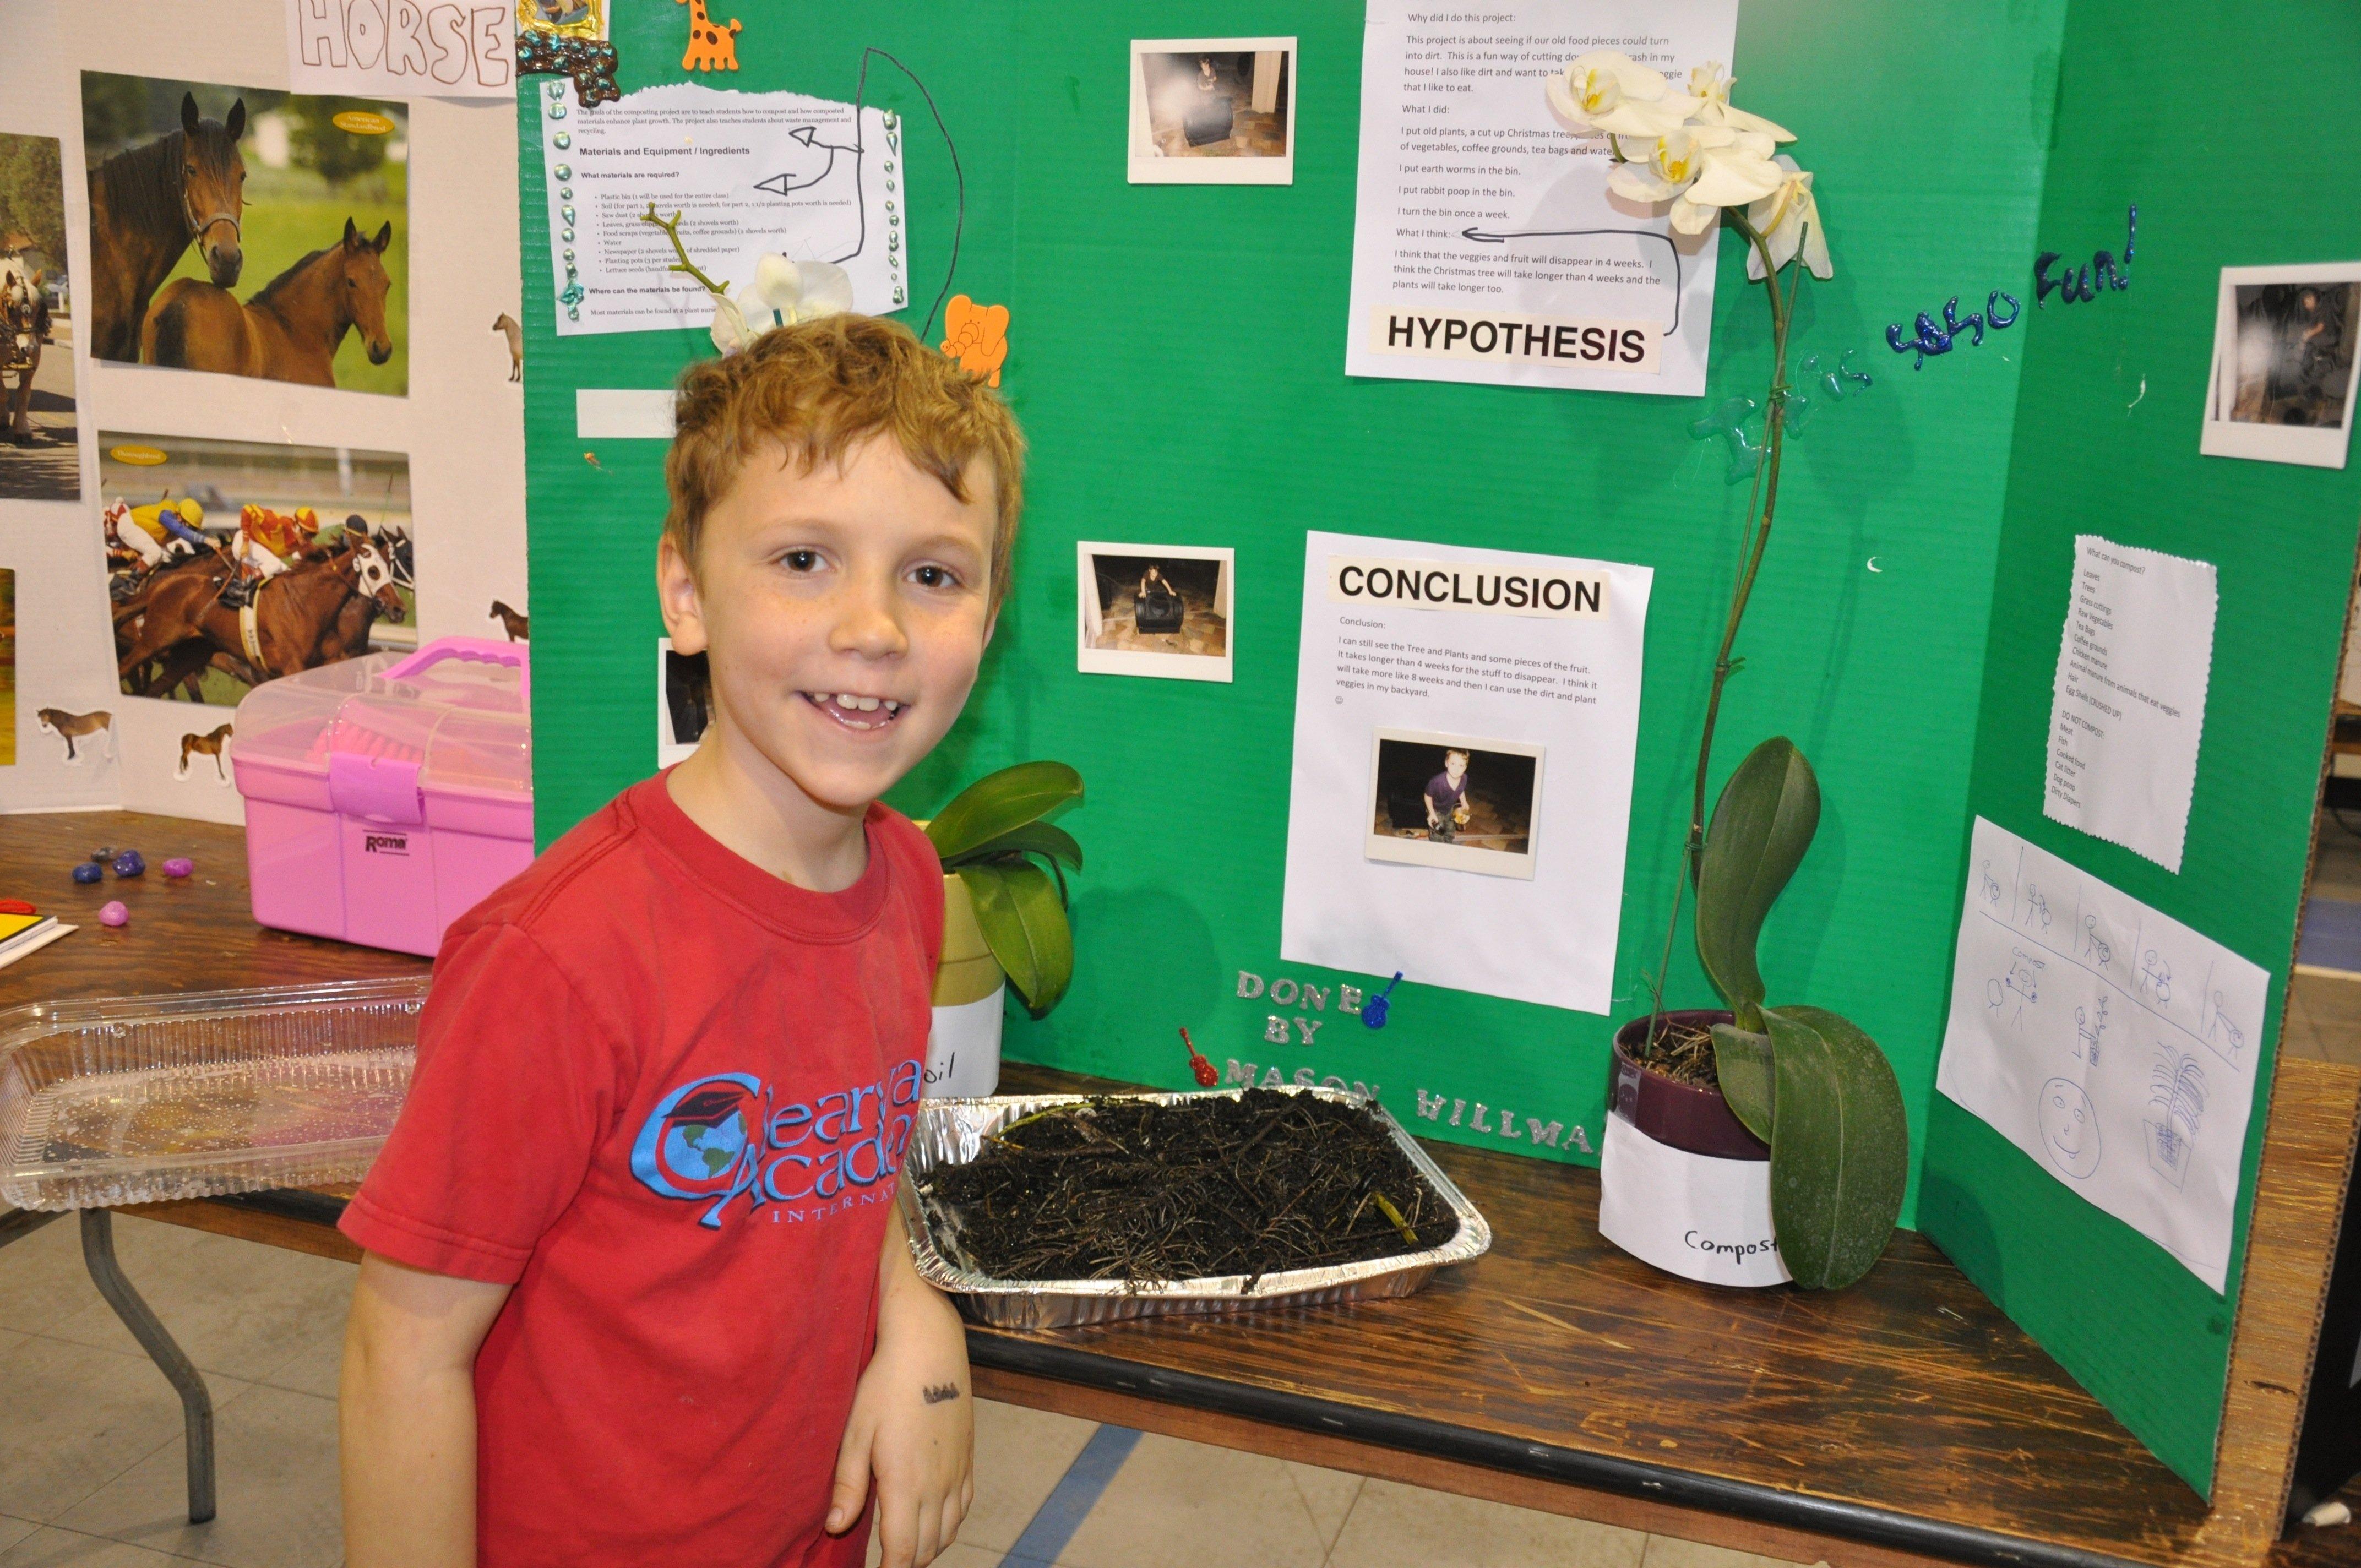 10 Fashionable Science Project Ideas 8Th Grade fun 8th grade science fair projects custom paper writing service 4 2021